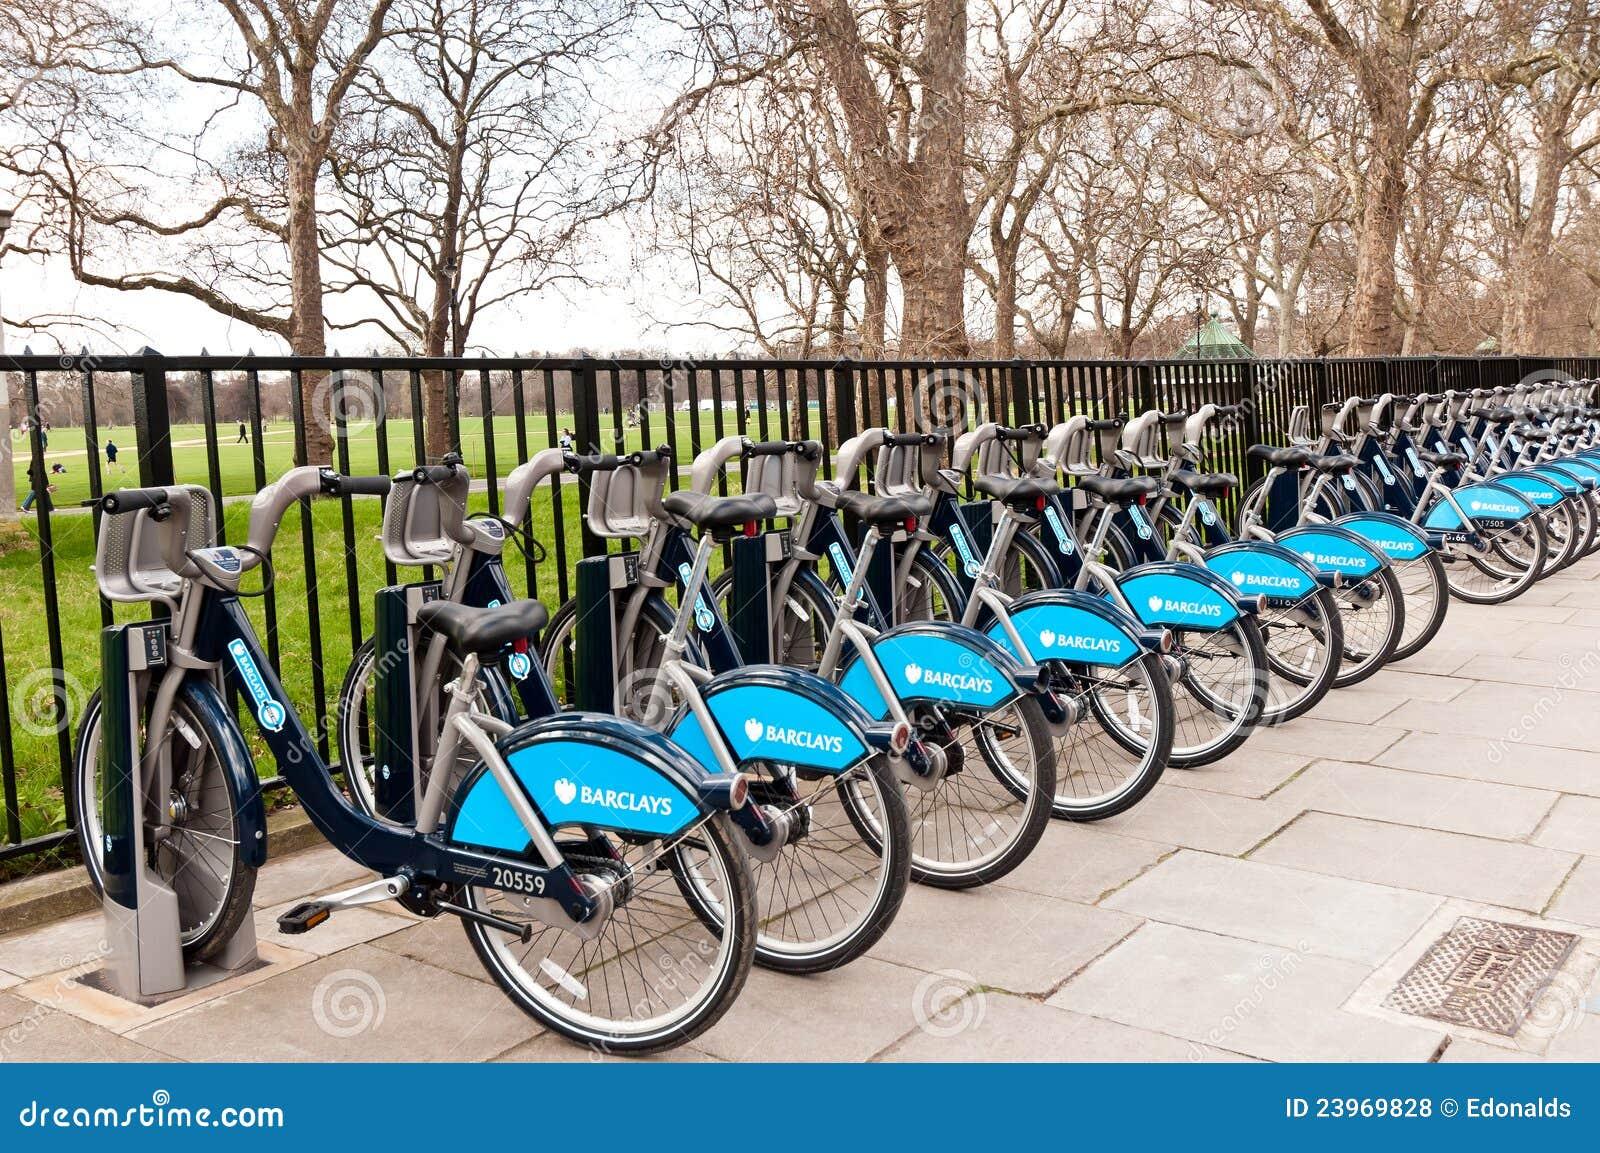 Jechać na rowerze wynajem